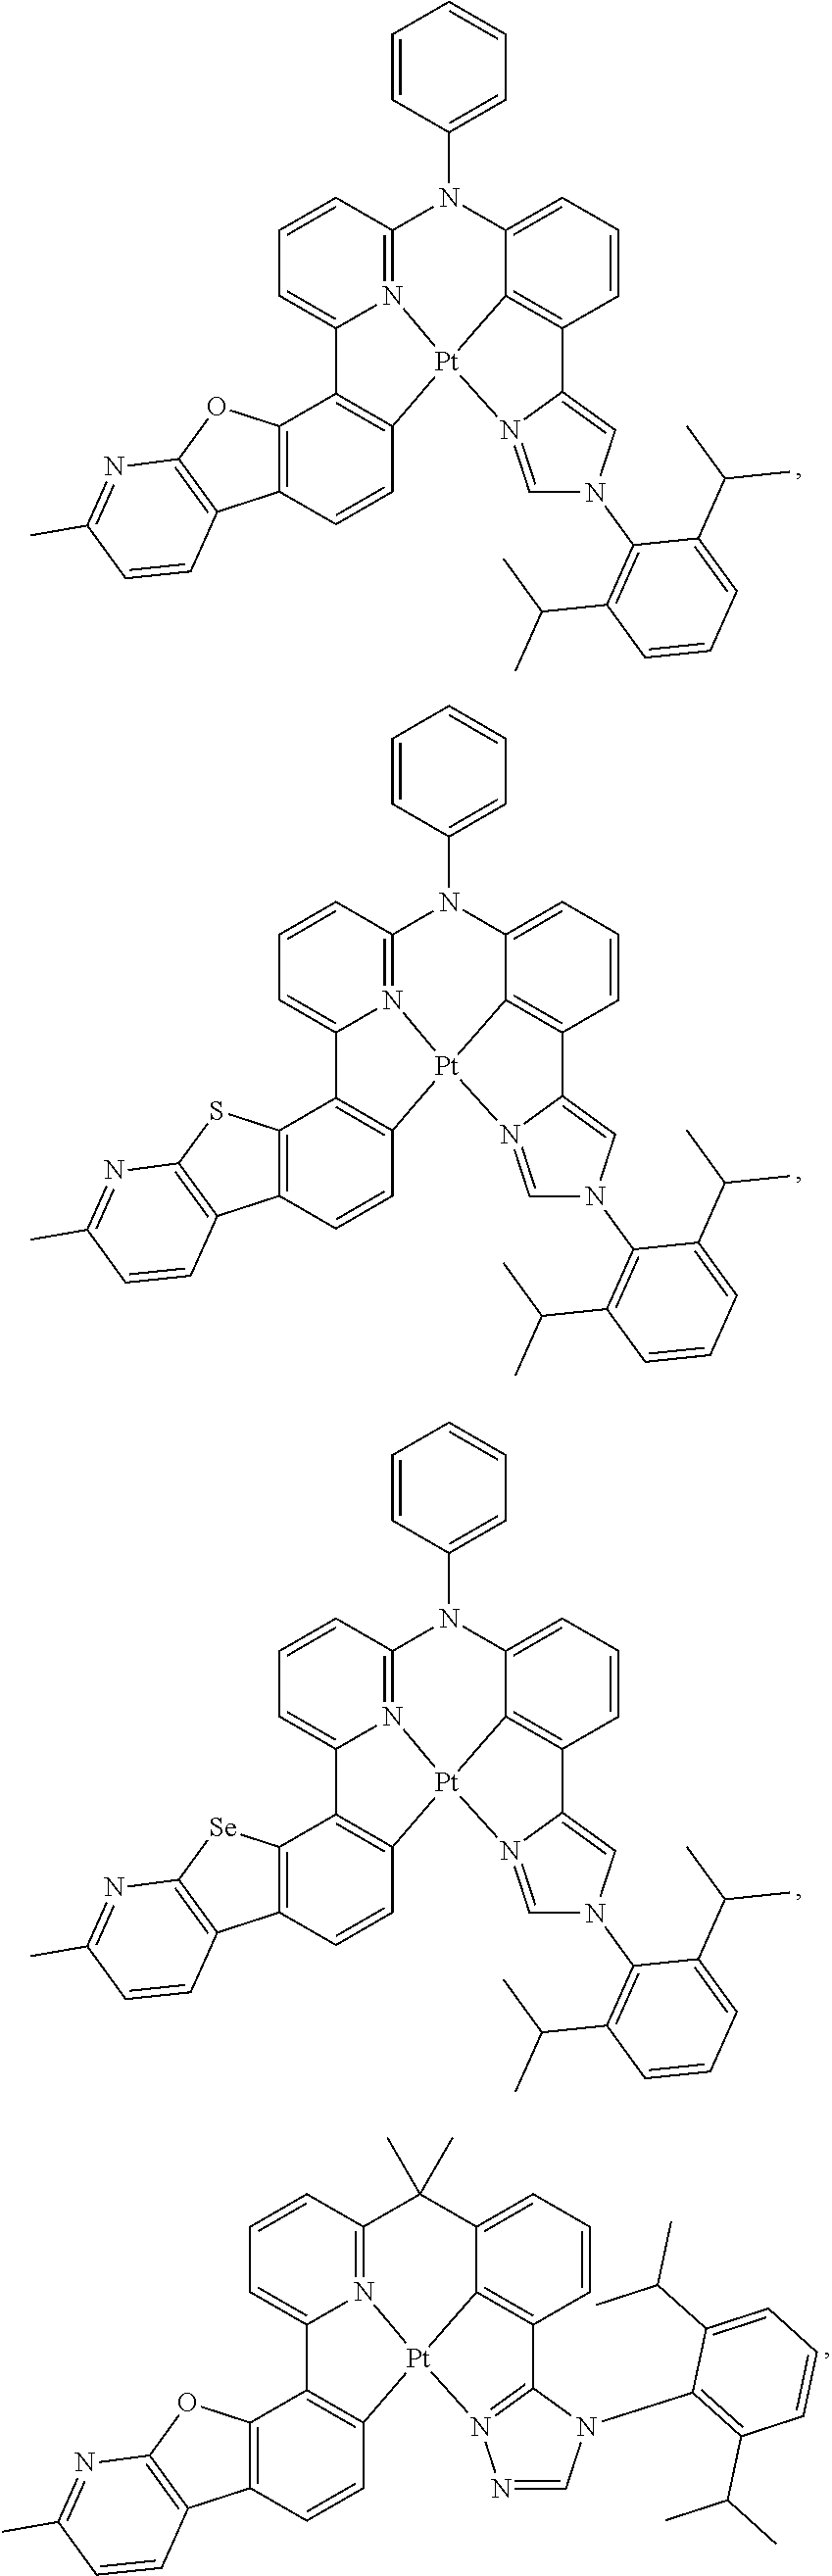 Figure US09871214-20180116-C00027